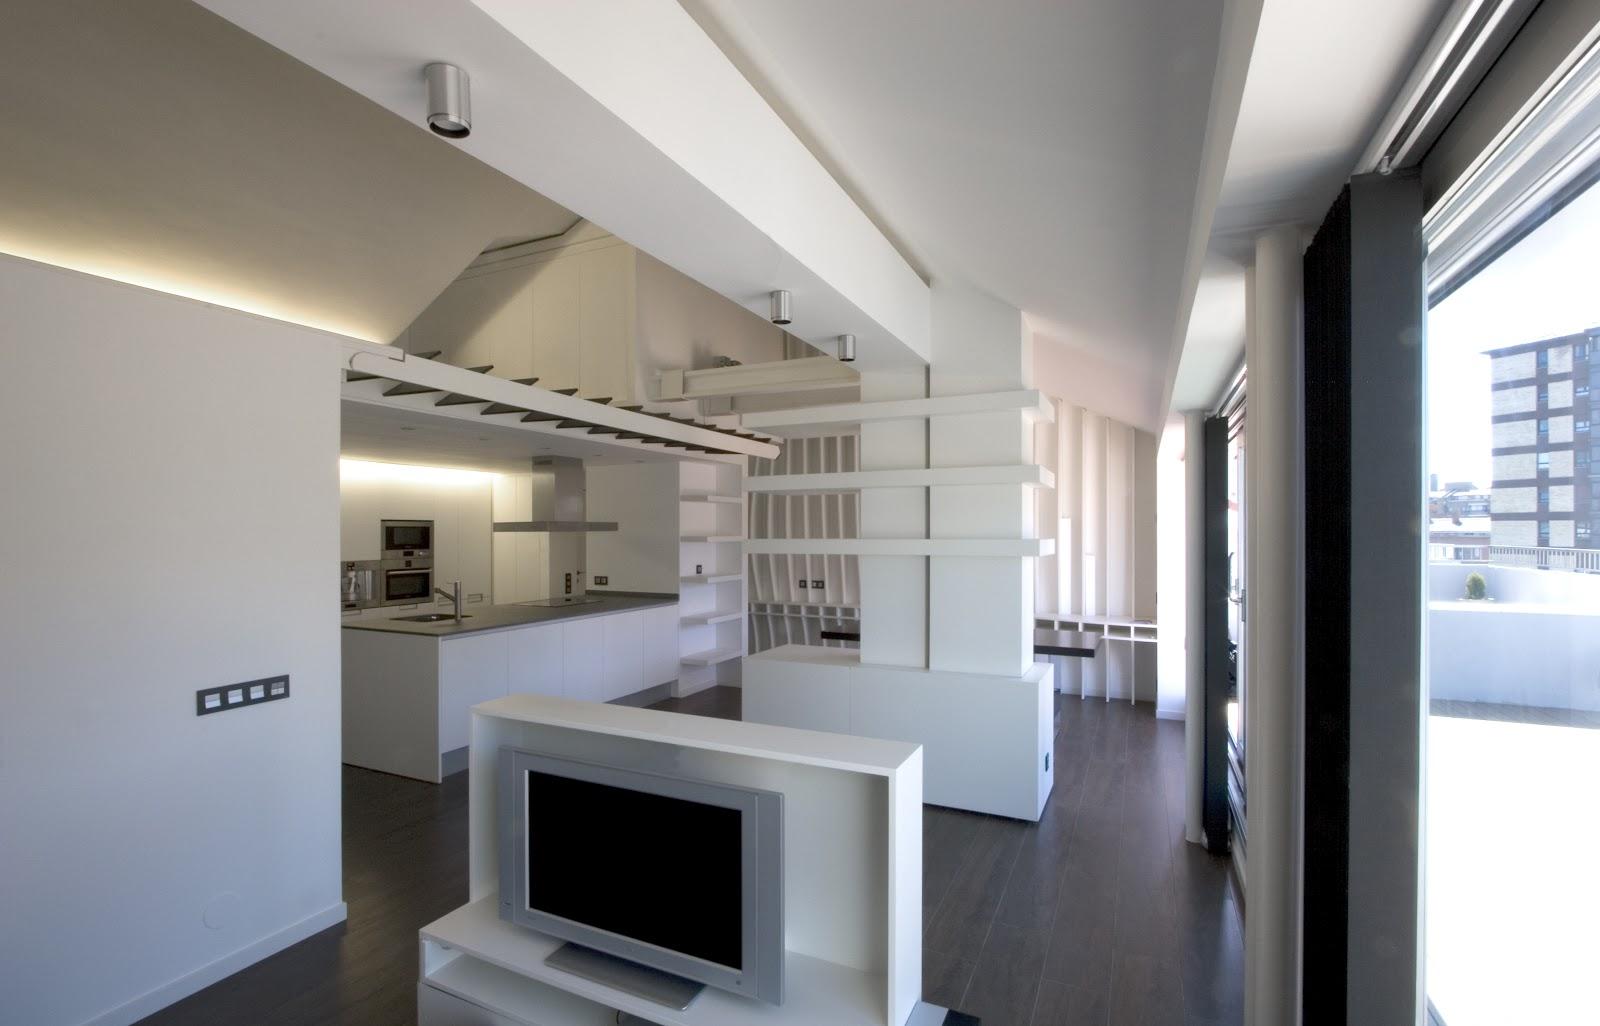 el vaciado total de todas las particiones interiores y la interior cerrando nicamente el dormitorio y el aseo y dejando el resto abierto